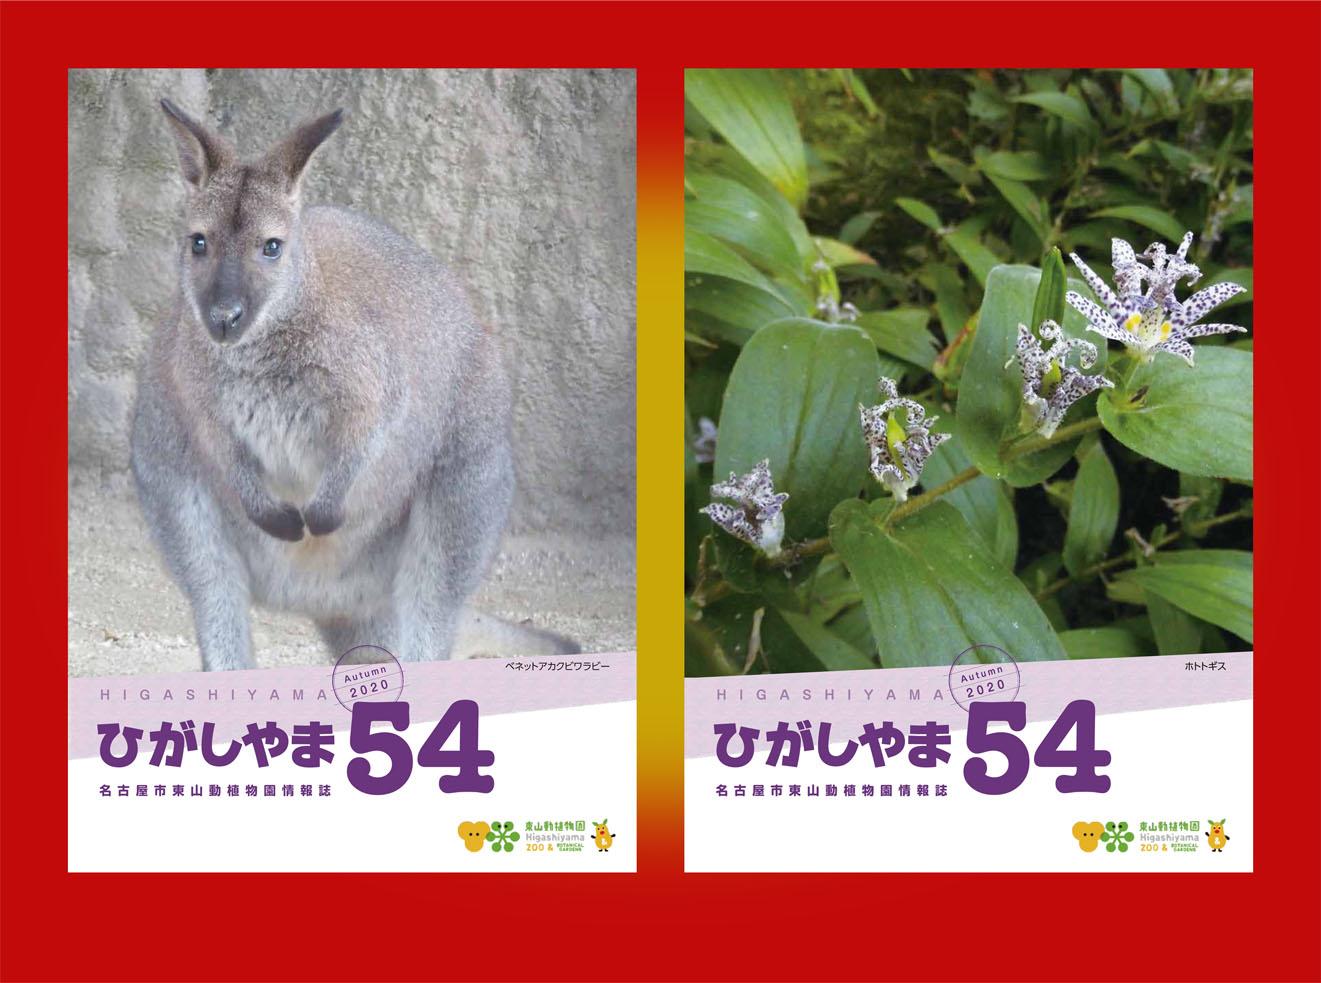 東山動植物園の情報誌ひがしやま54号を発行しました